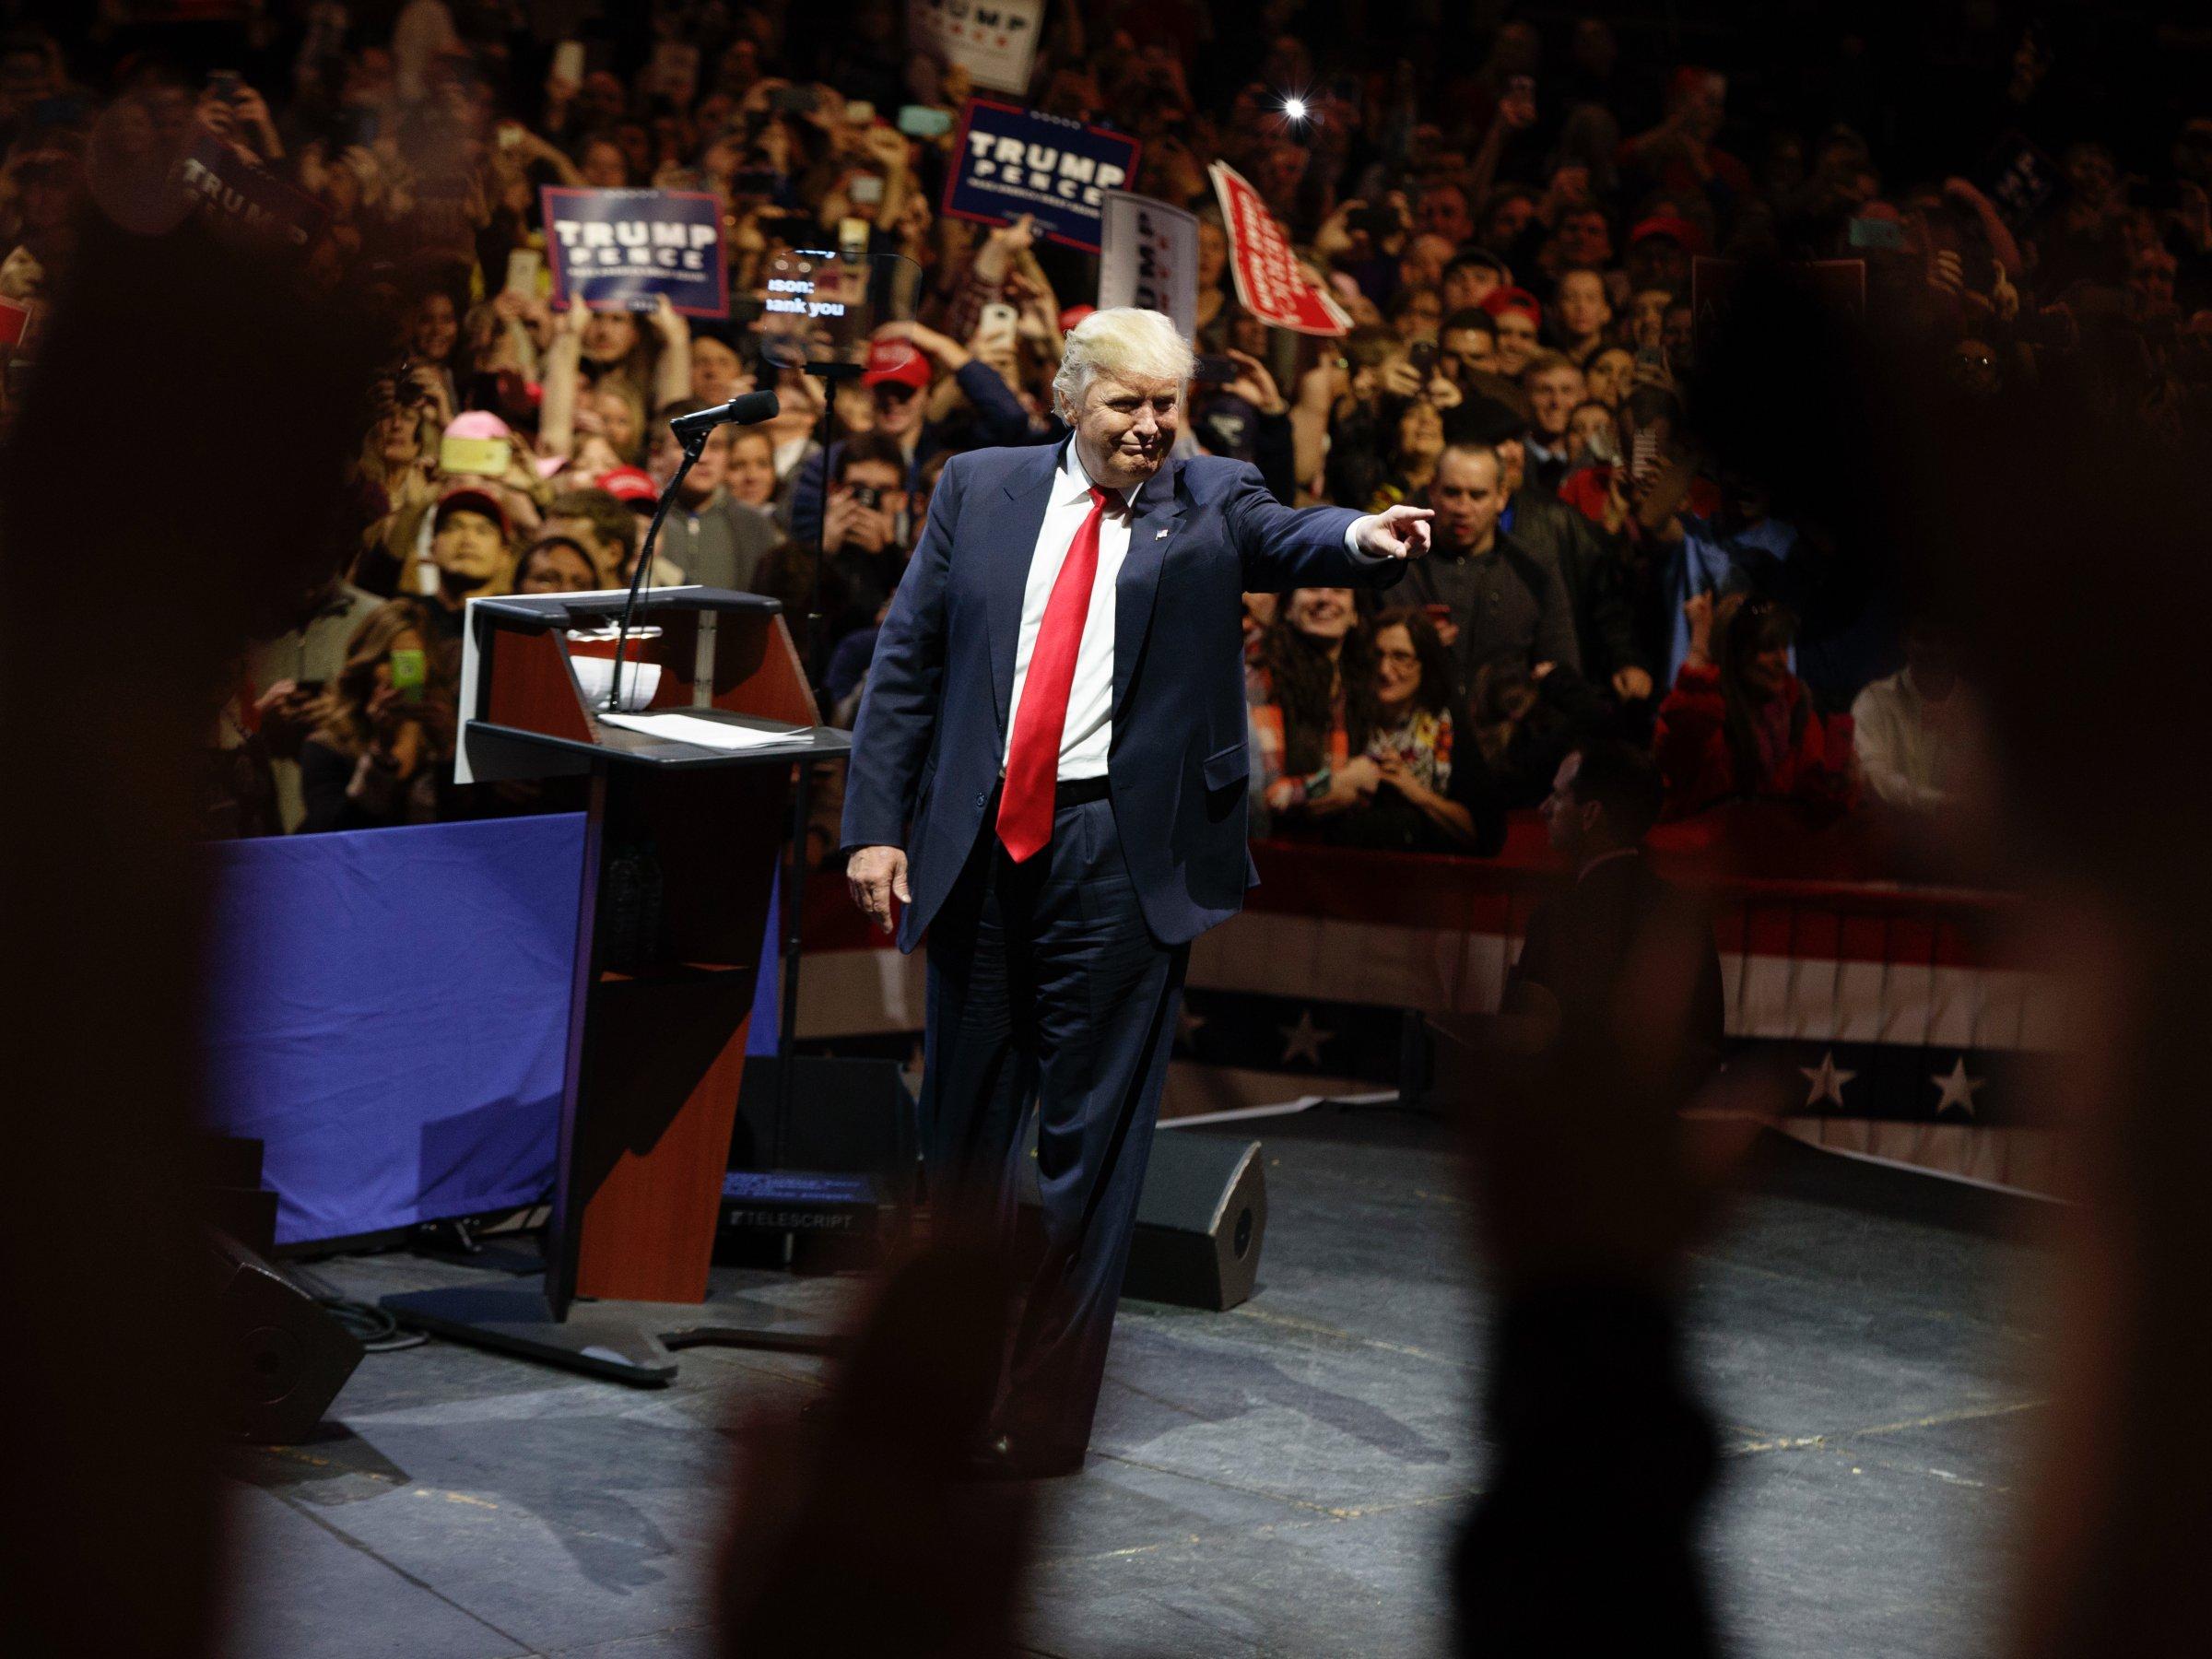 Trump victory tour Cincinnati